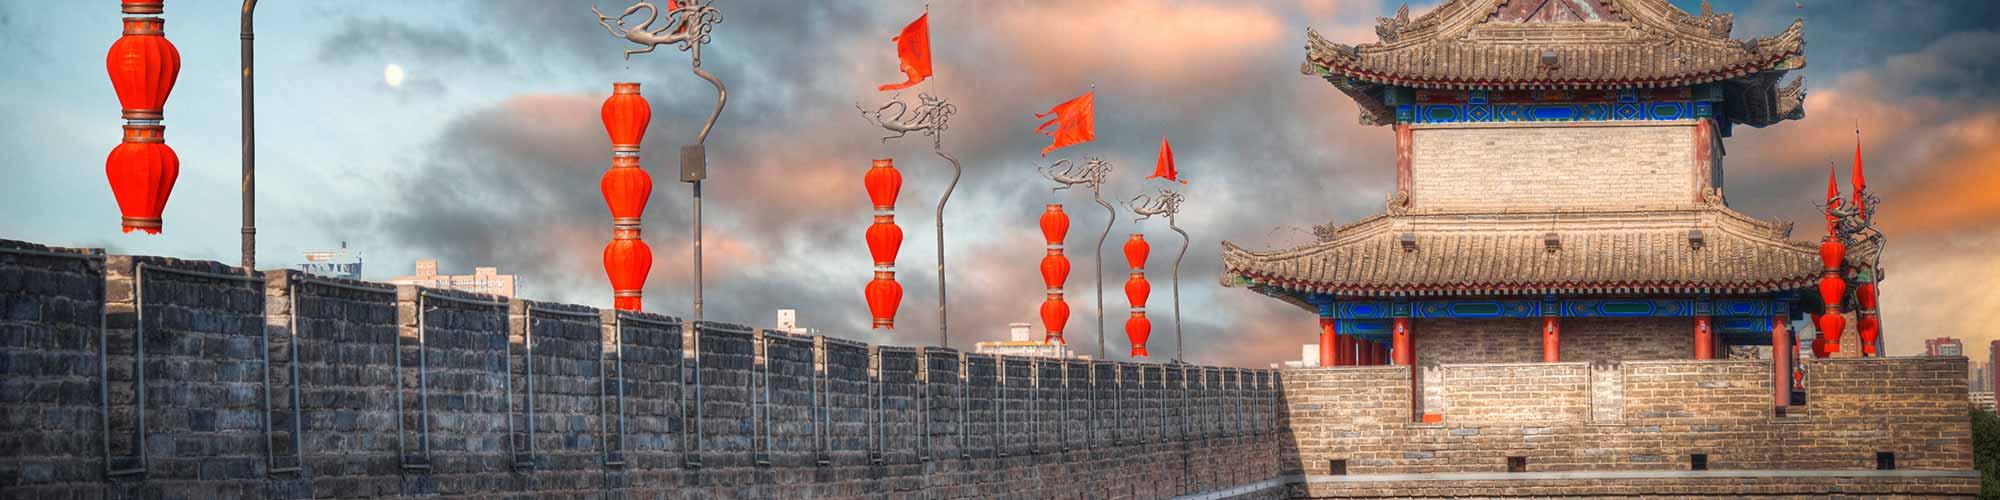 La China de Marco Polo - EL PAÍS Viajes